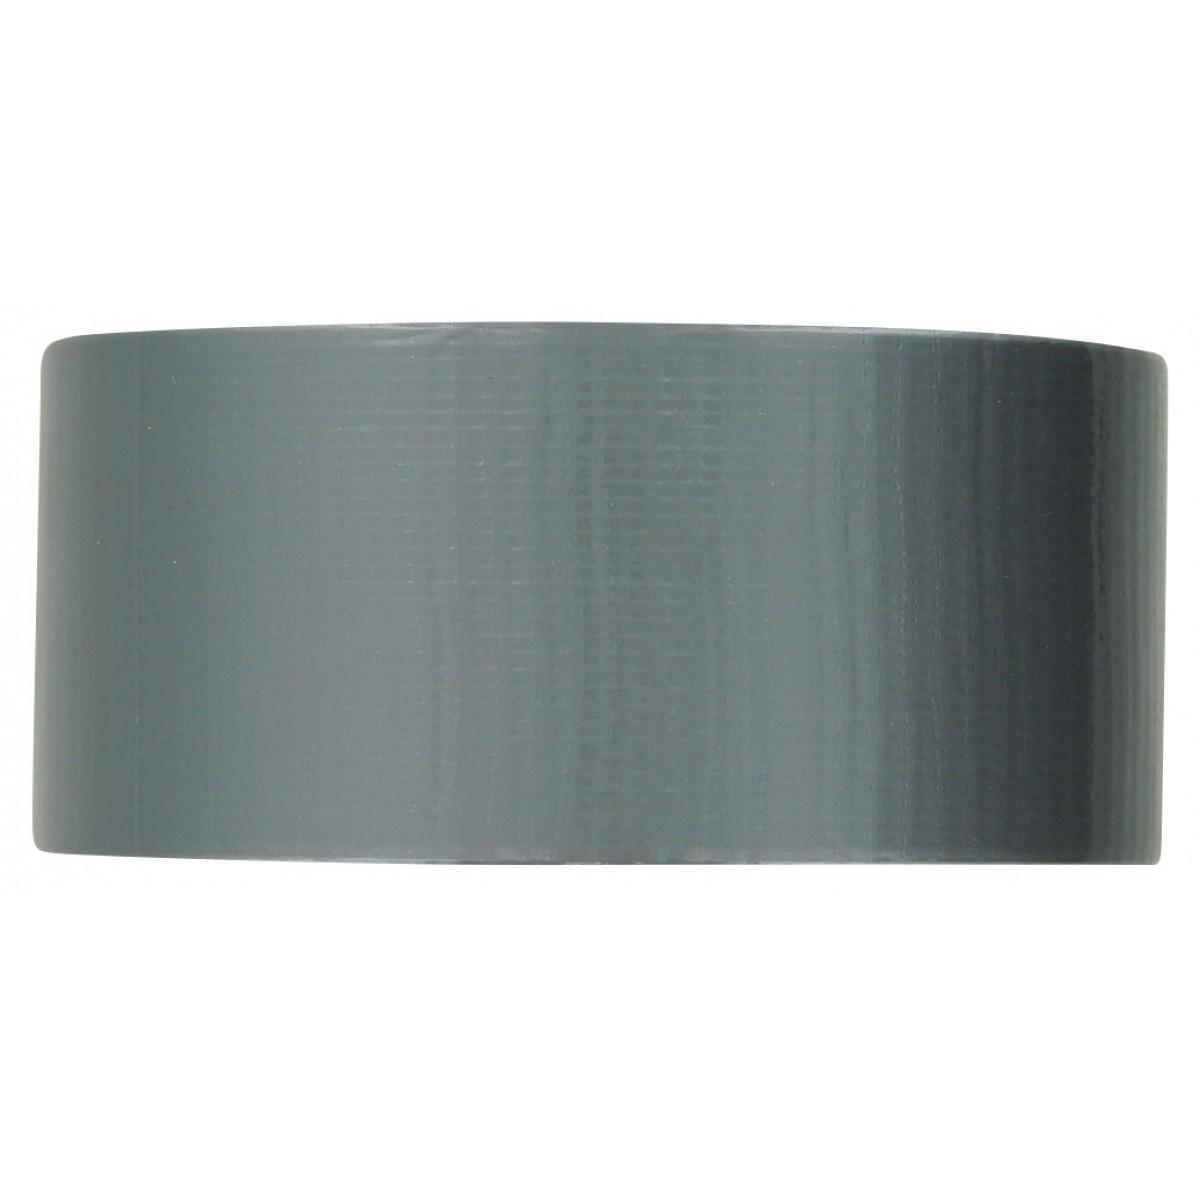 Toile grise étanchéité ou bande de réparation GPI - Gris - Longueur 25 m - Largeur 50 mm